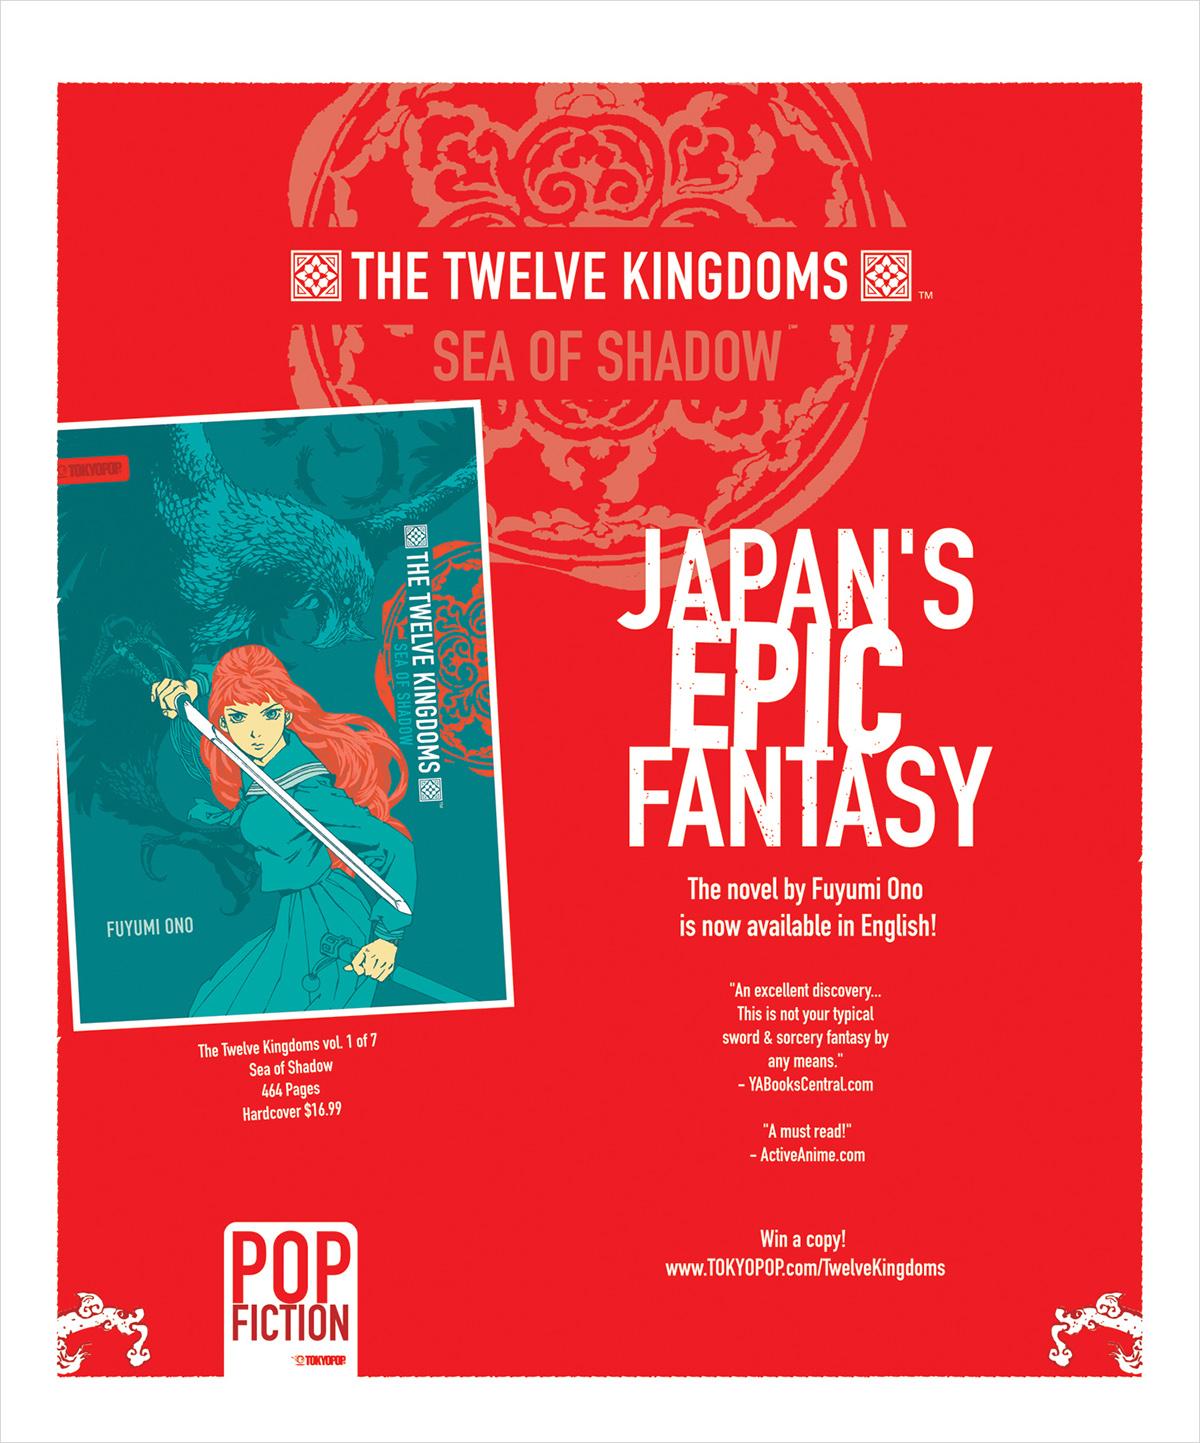 The Twelve Kingdoms - (Epic Fantasy Novel) on Behance